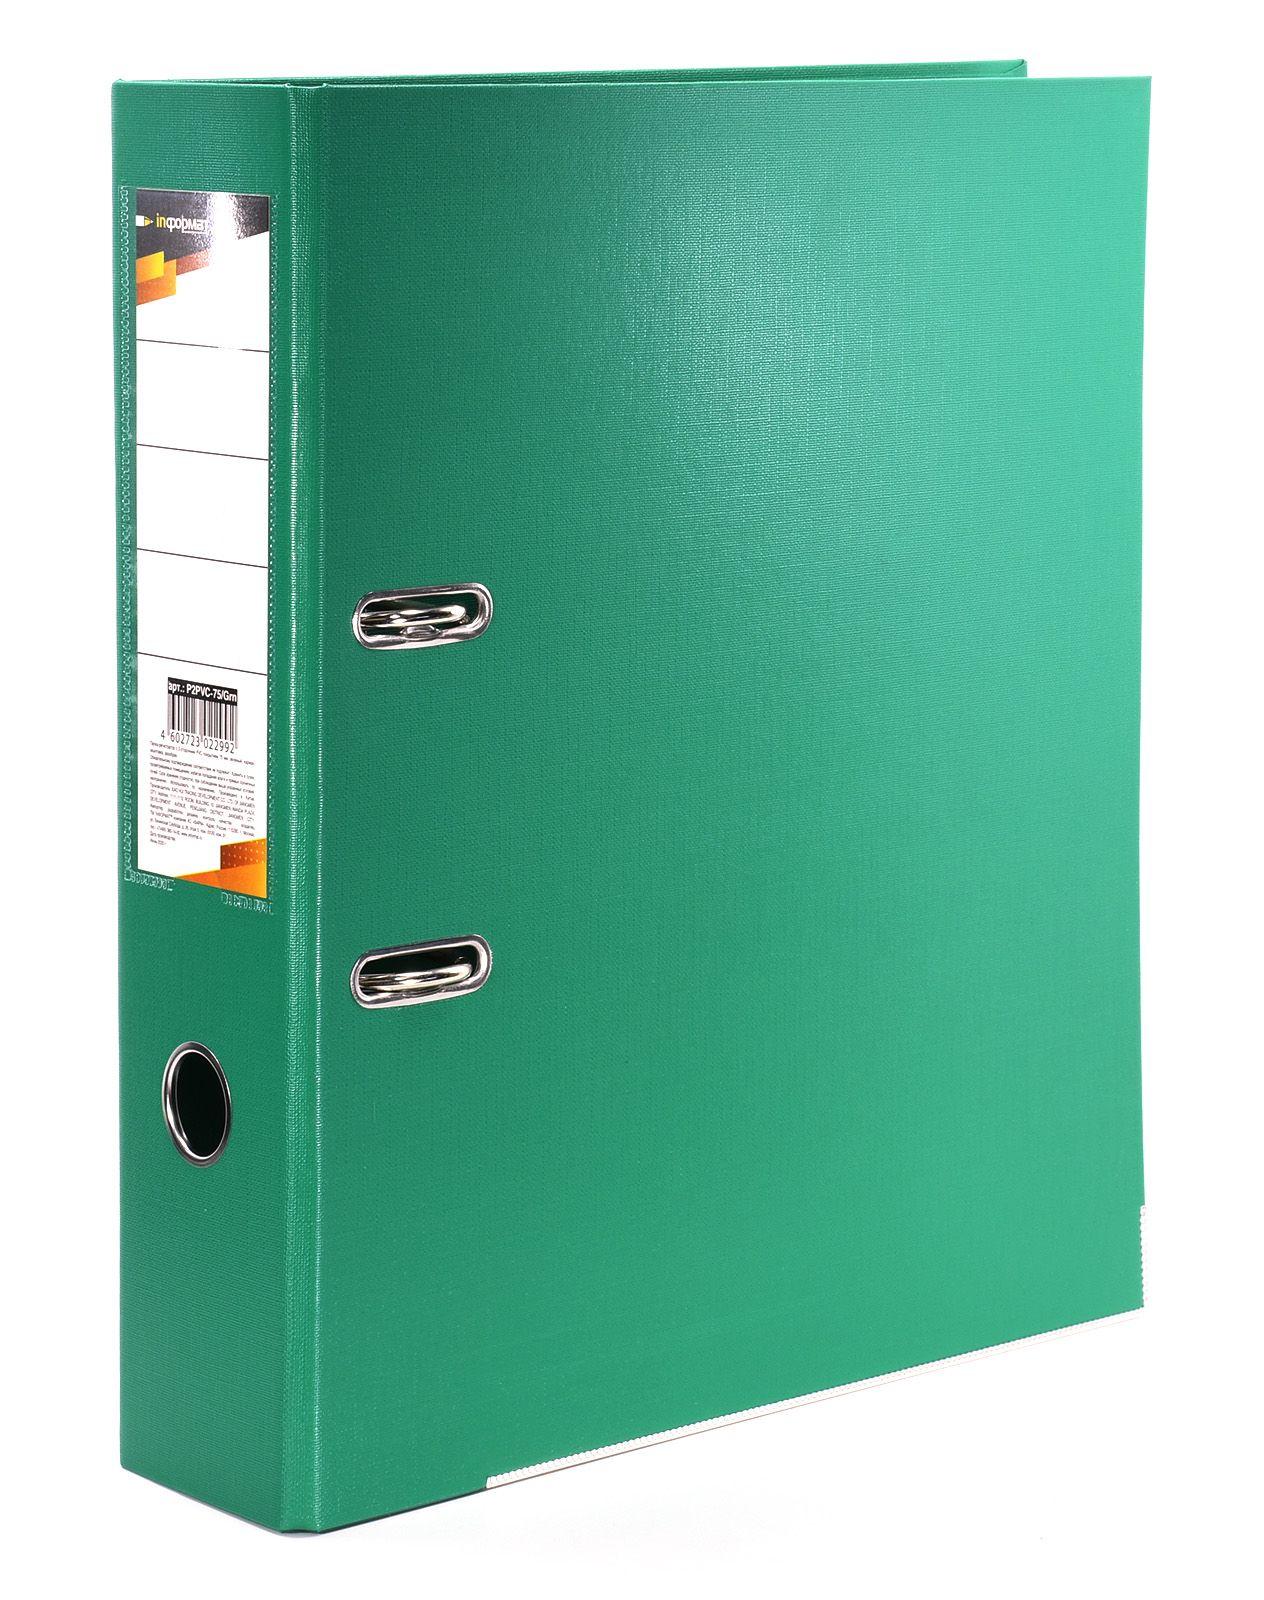 Папка-регистратор INFORMAT 75 мм двухстороннее покрытие PVC, зеленая